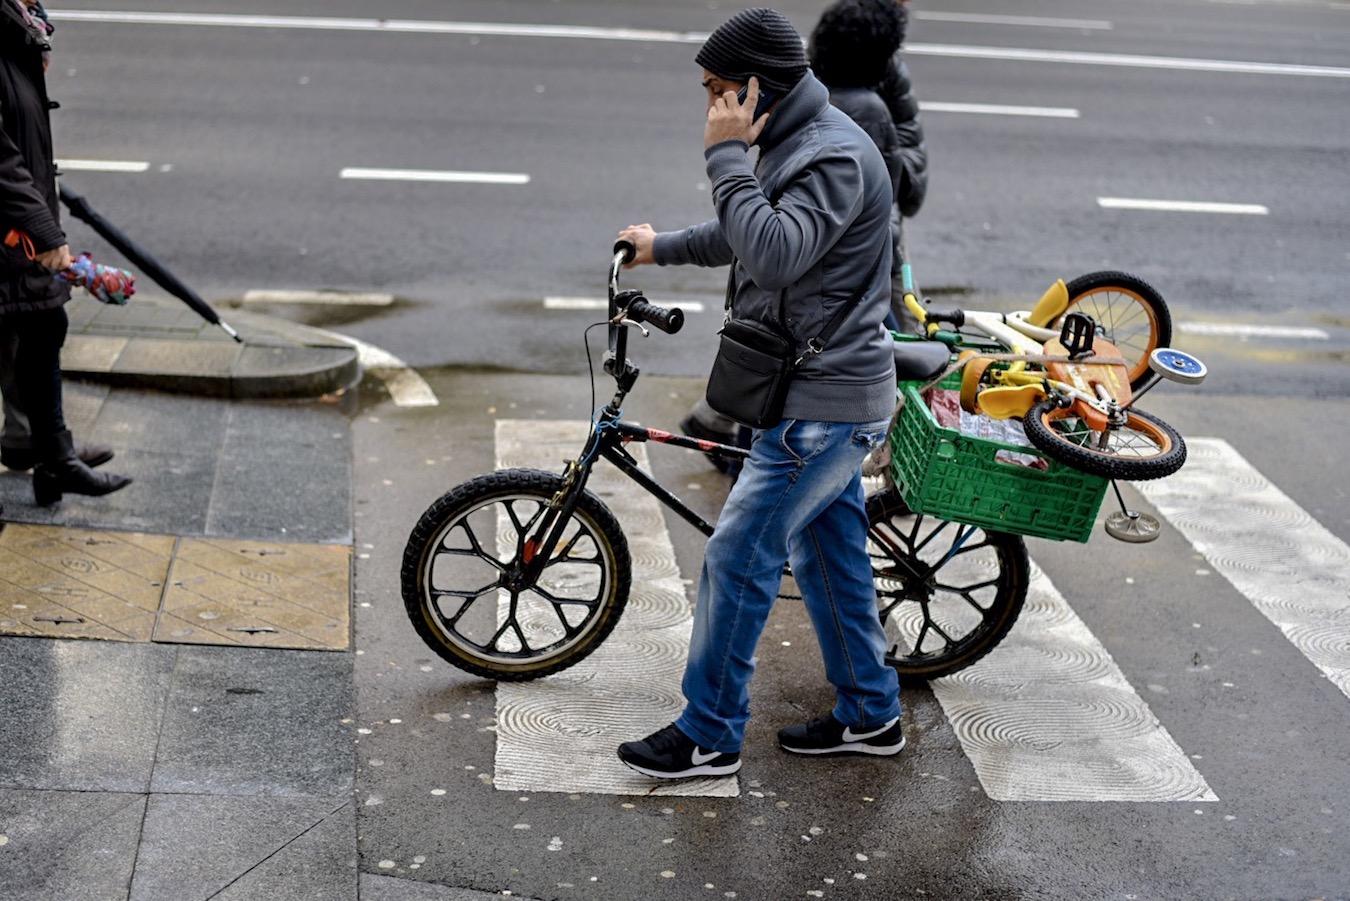 Street life in Santander, northern Spain.